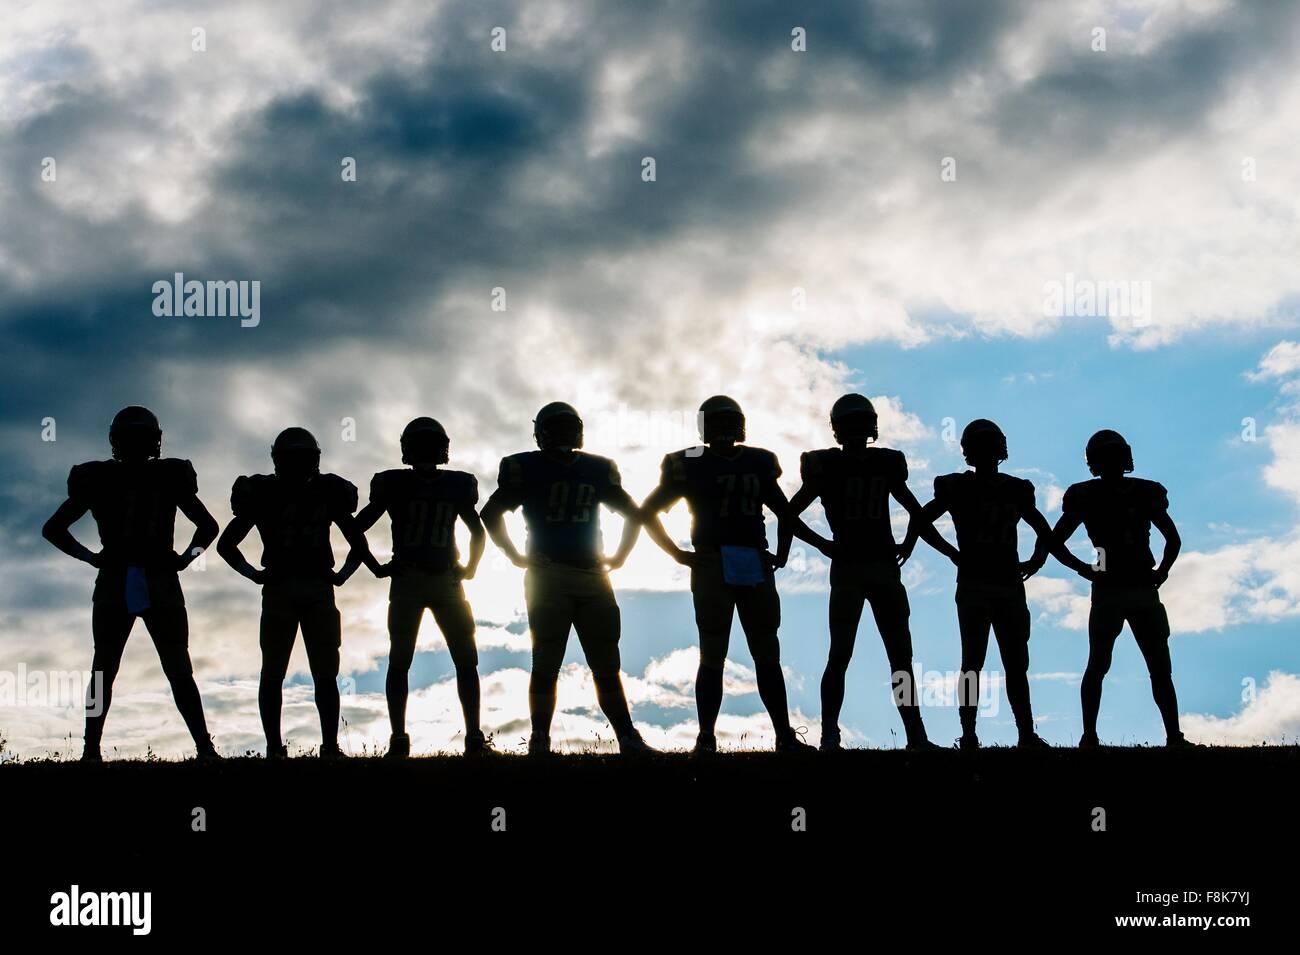 Silueta de un grupo de jóvenes jugadores de fútbol americano, de pie, en fila, las manos en las caderas Imagen De Stock